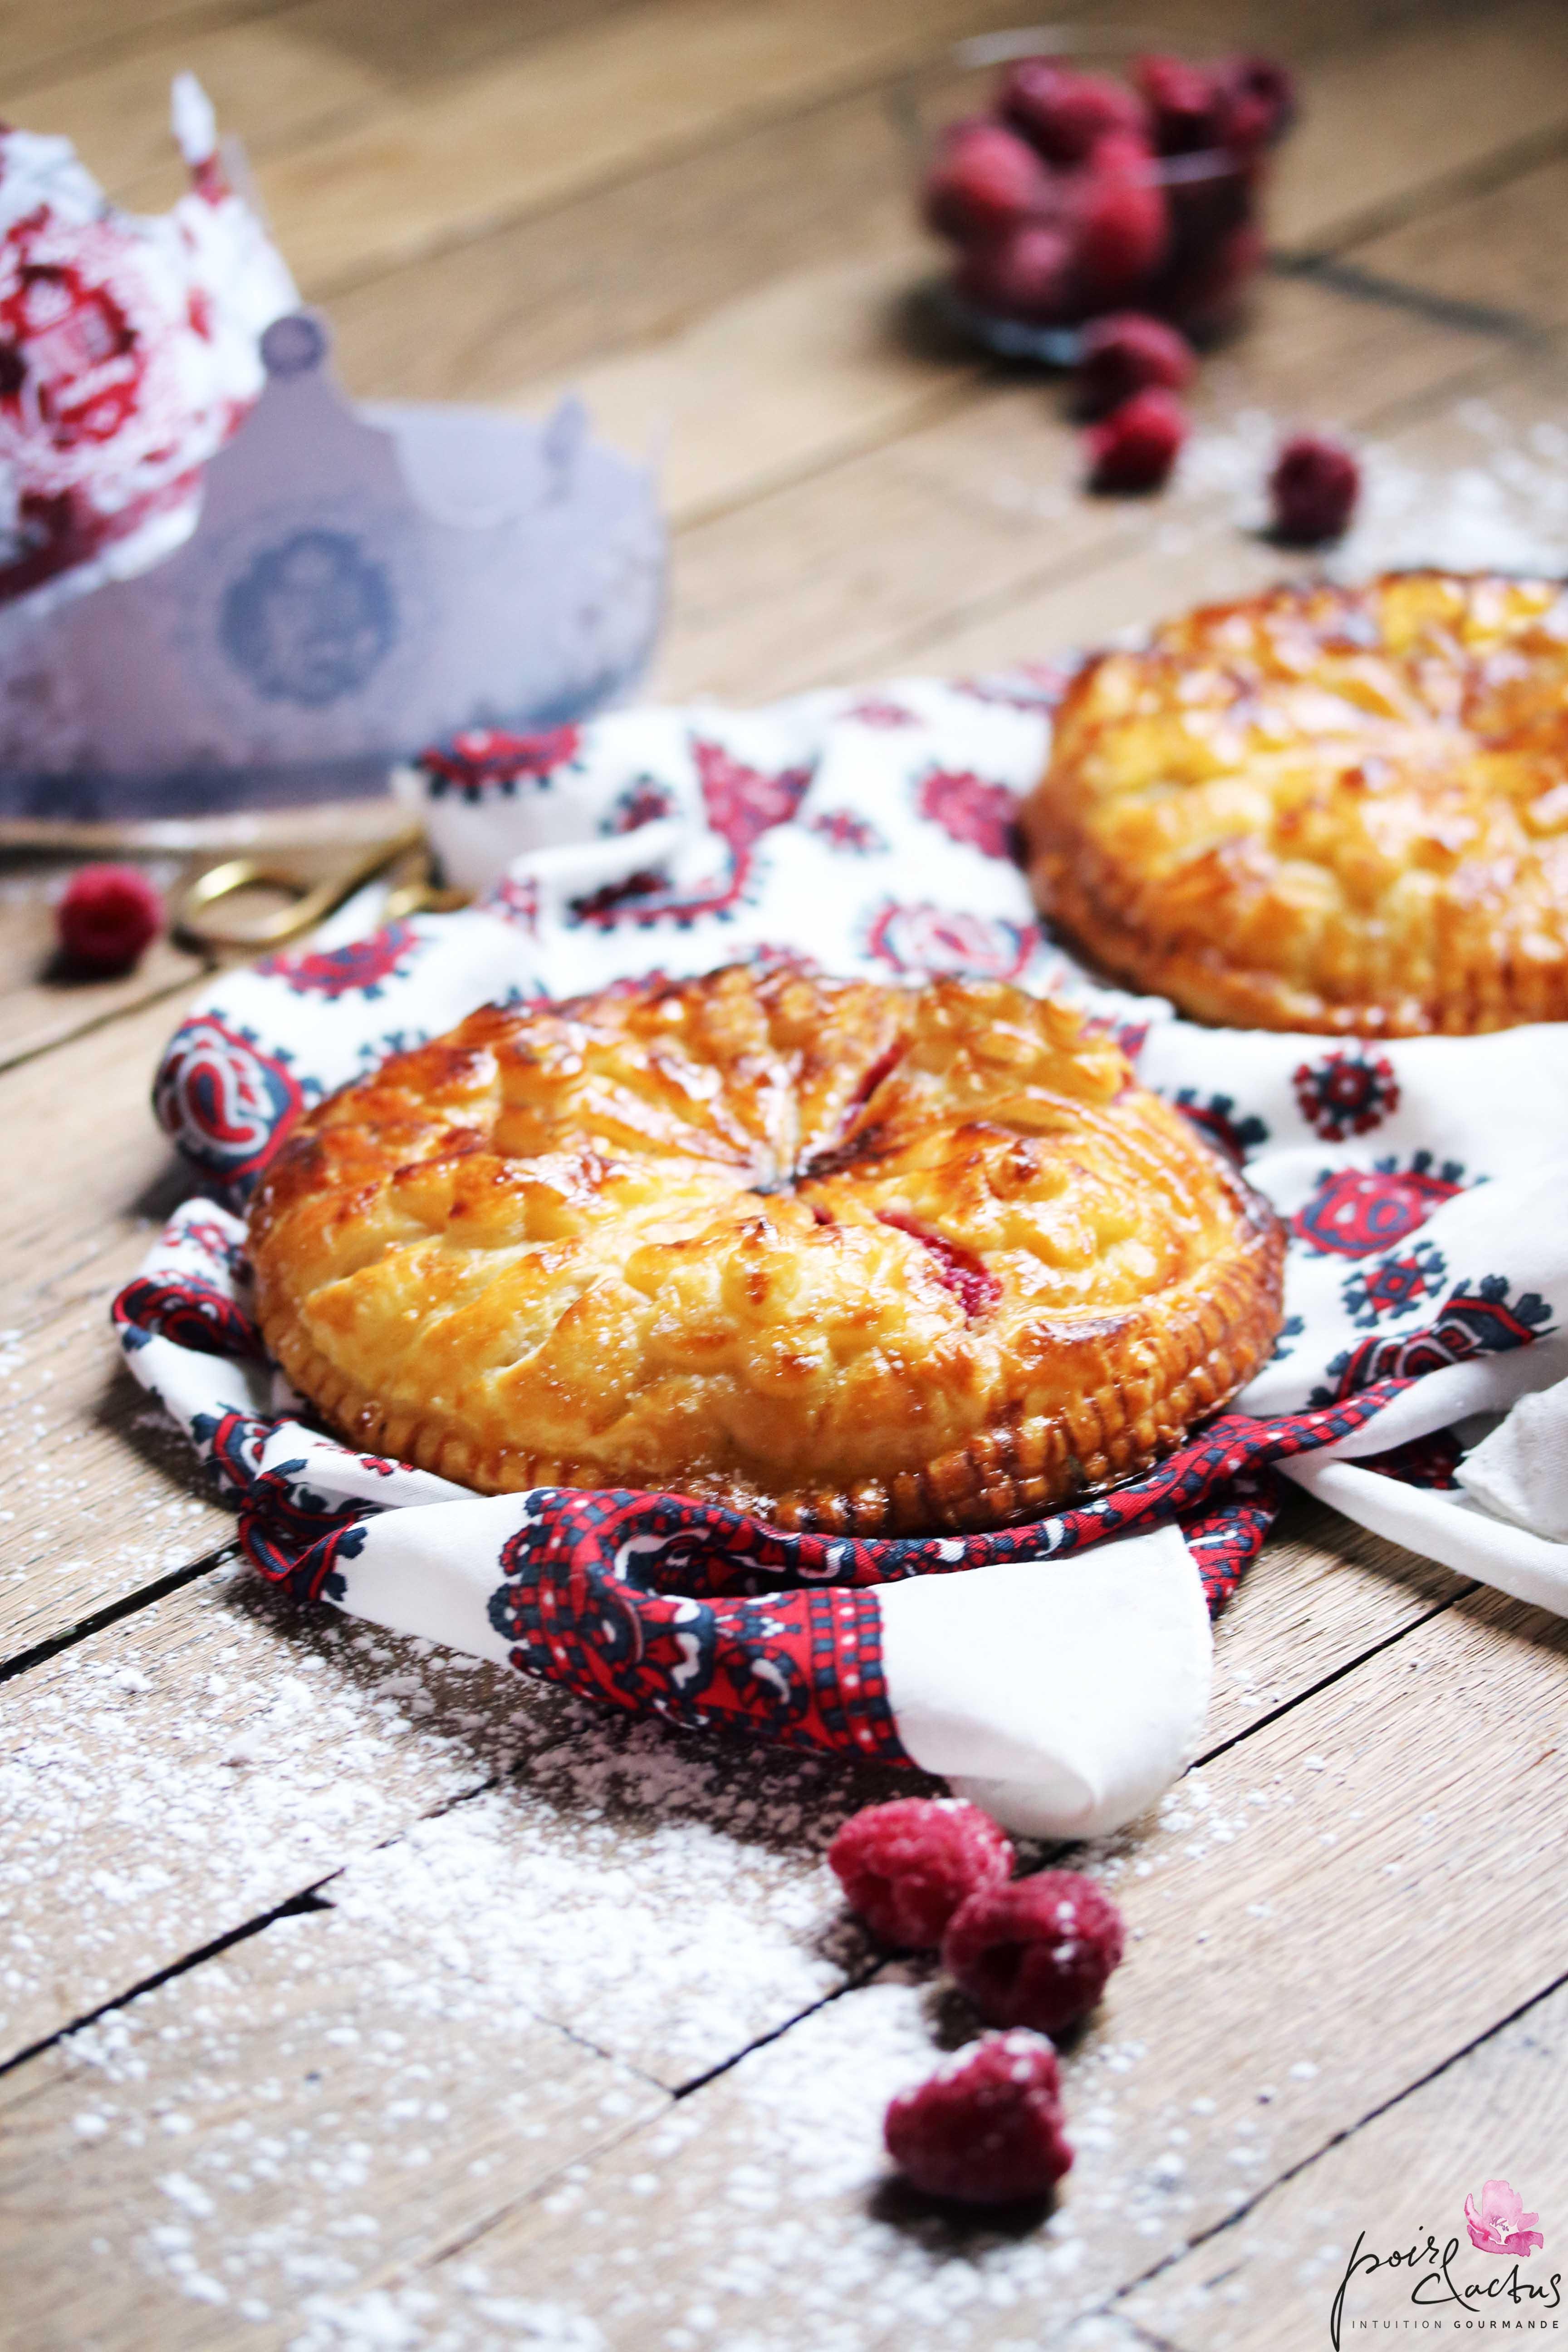 recette_galettedesrois_frangipane_framboise_chocolatblanc_poiretcactus1